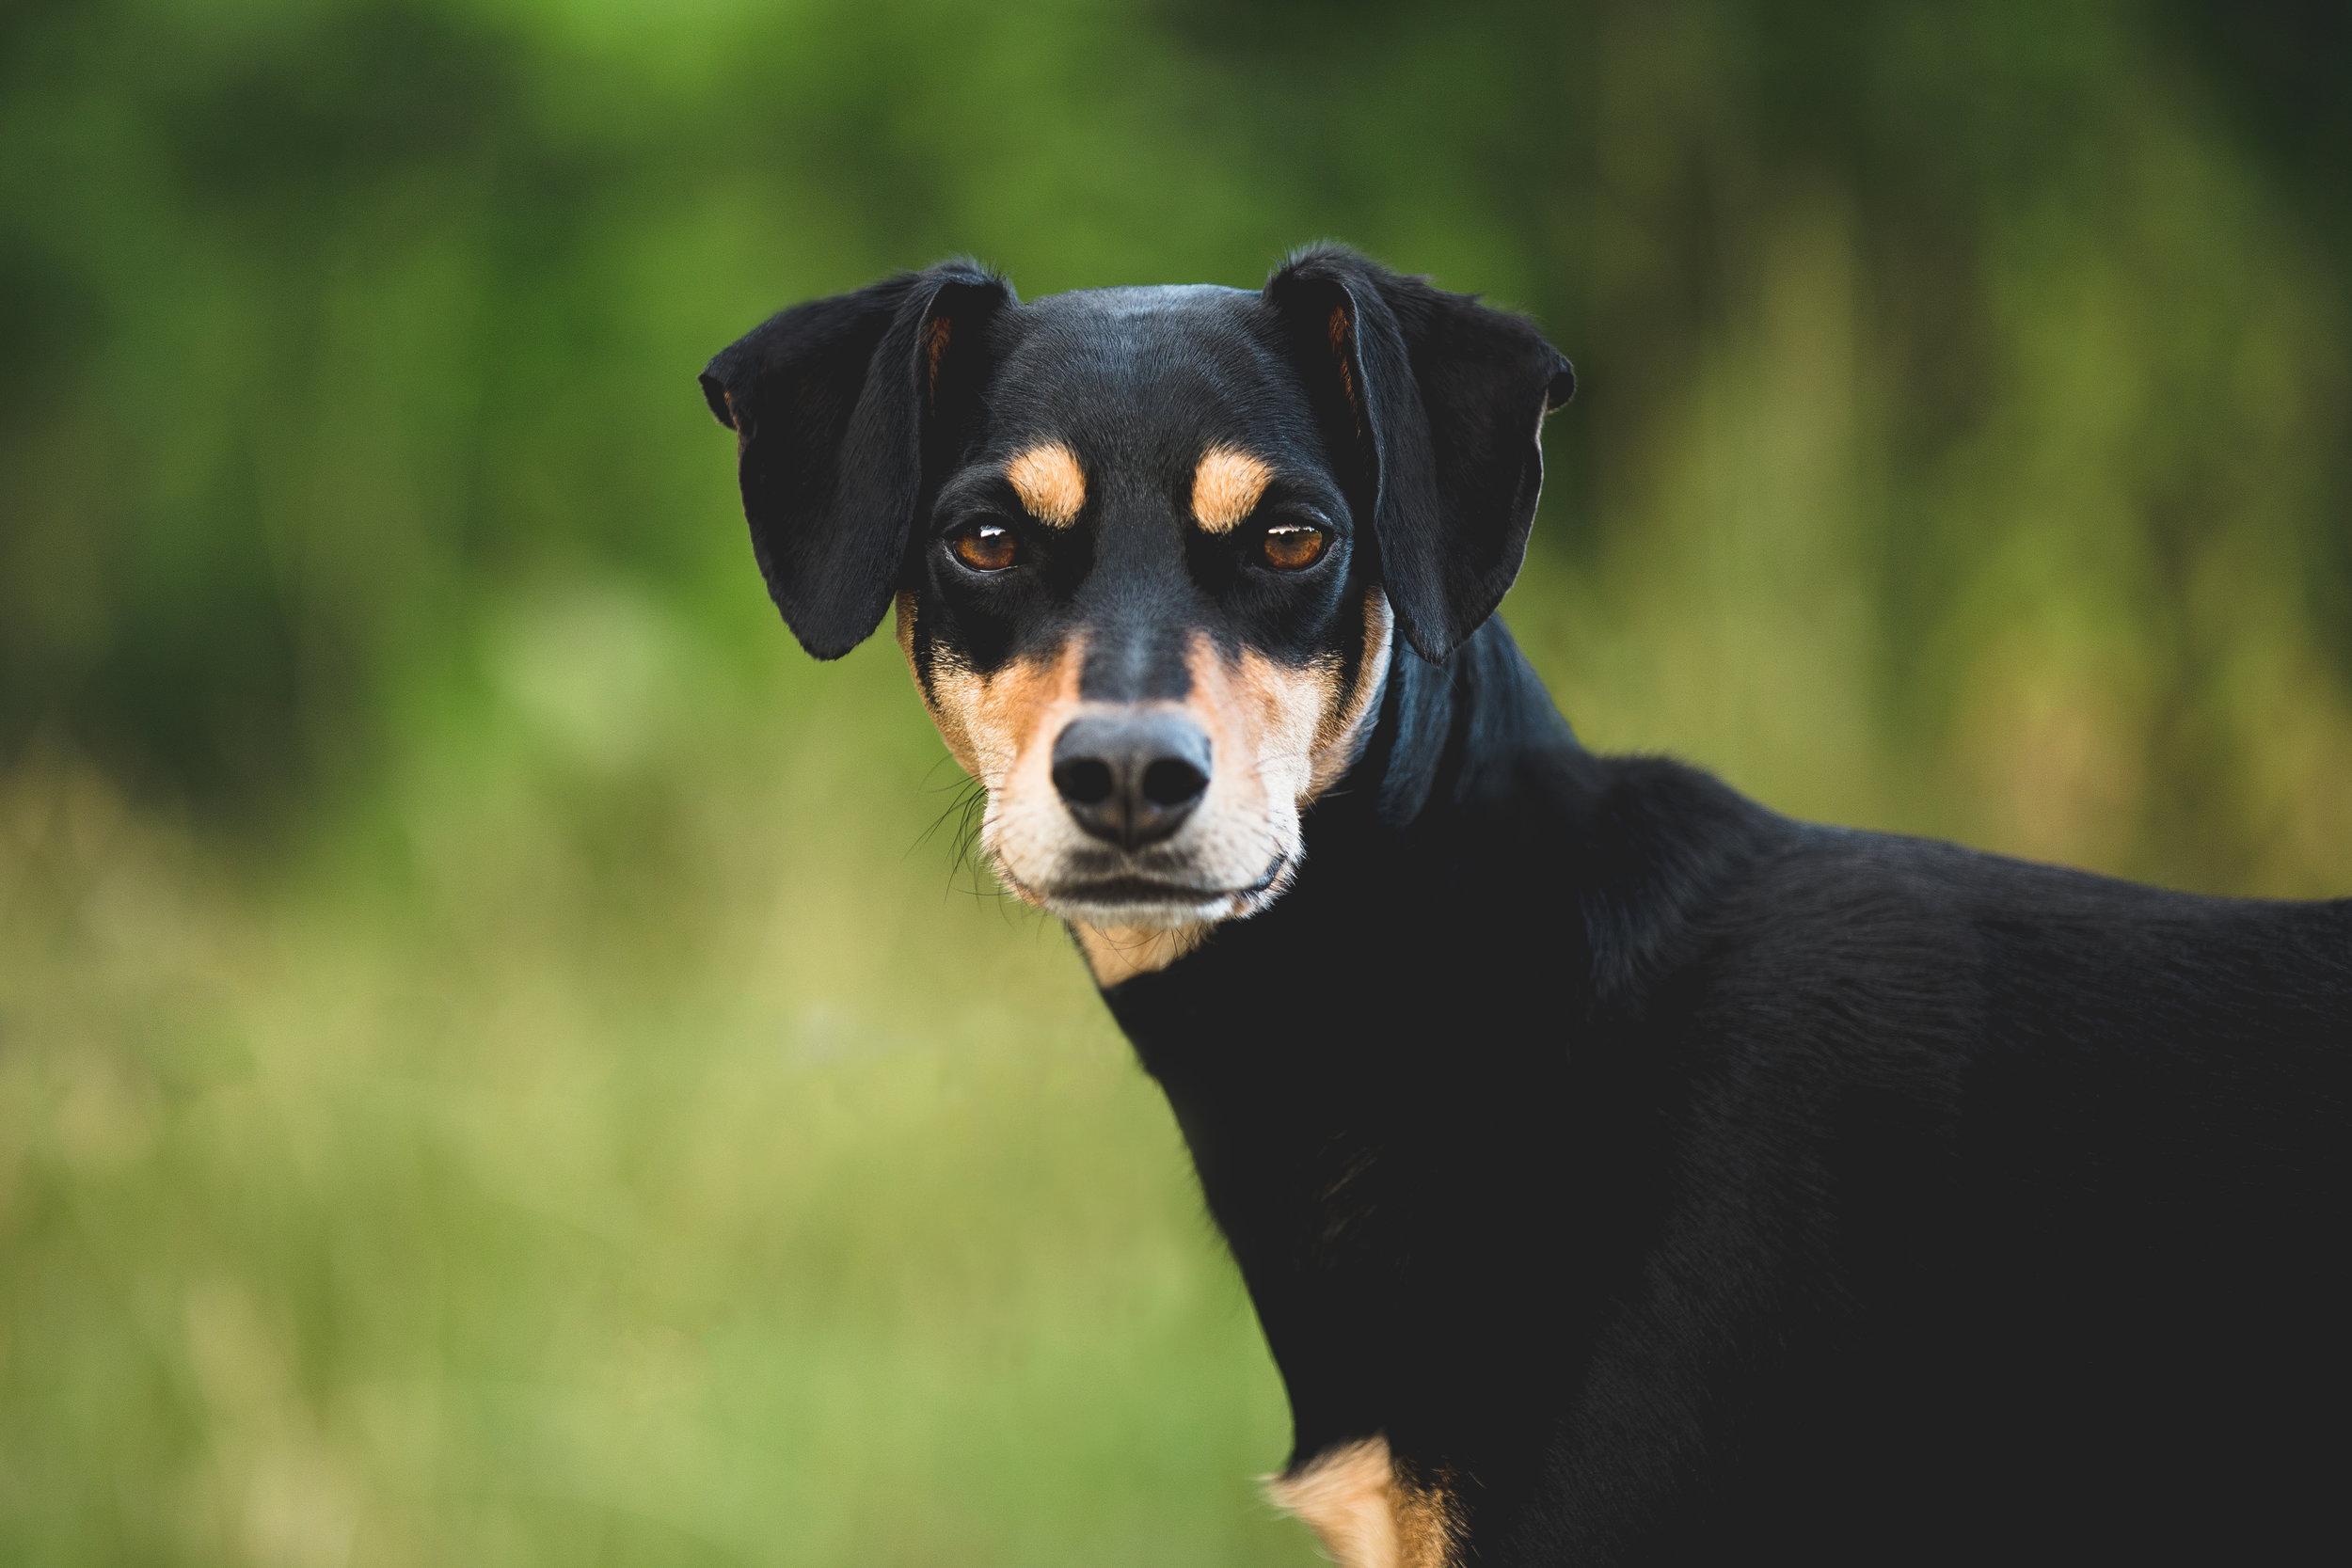 healthy dog by_onistocke-dchgsvn.jpg